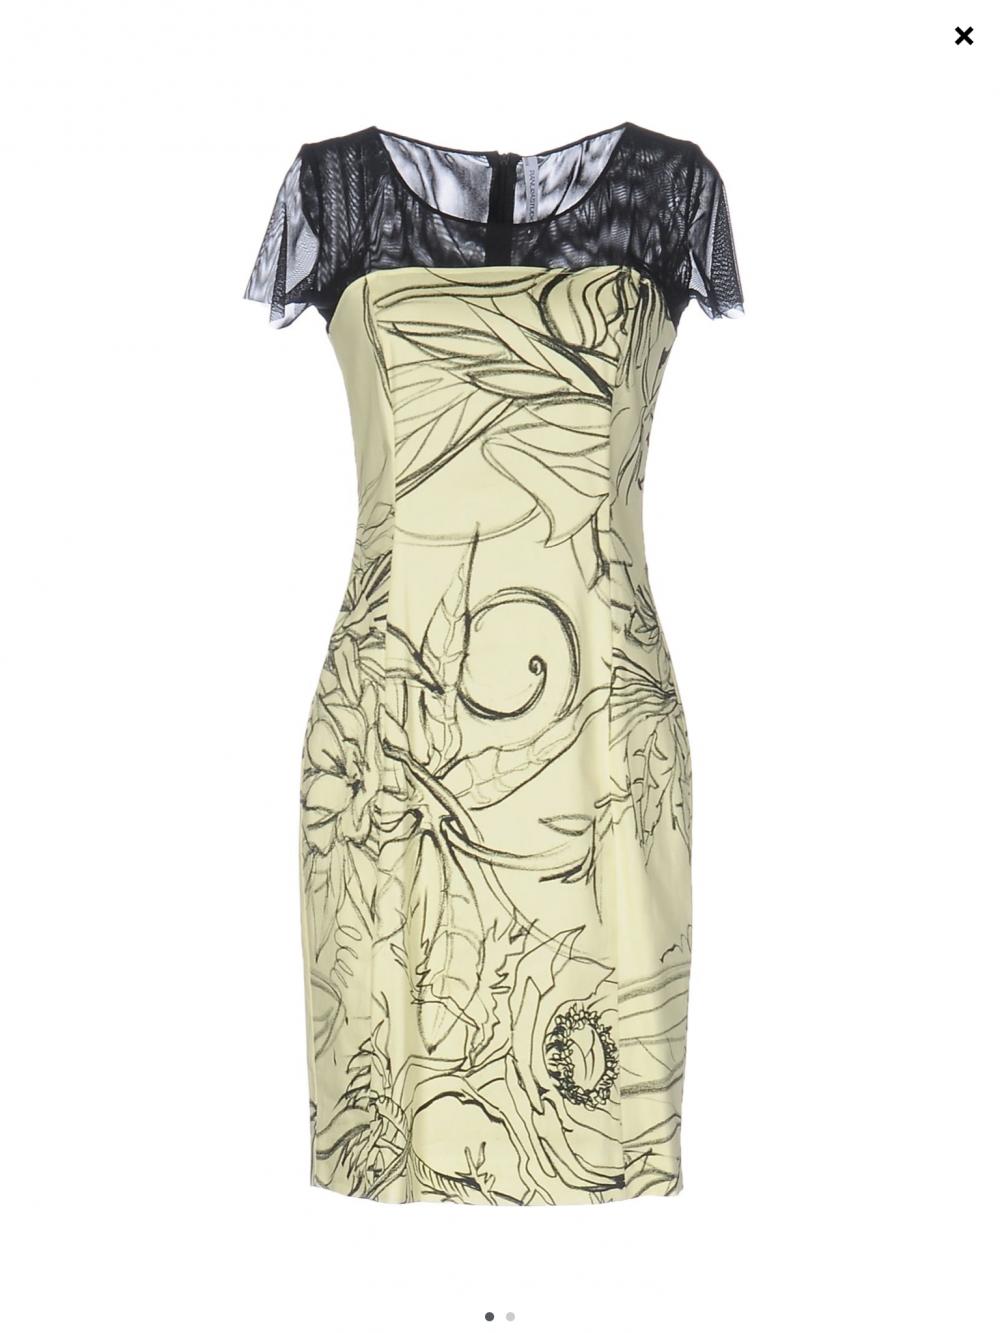 Новое с бирками платье pianurastudio размер 42 рус или 40 it.